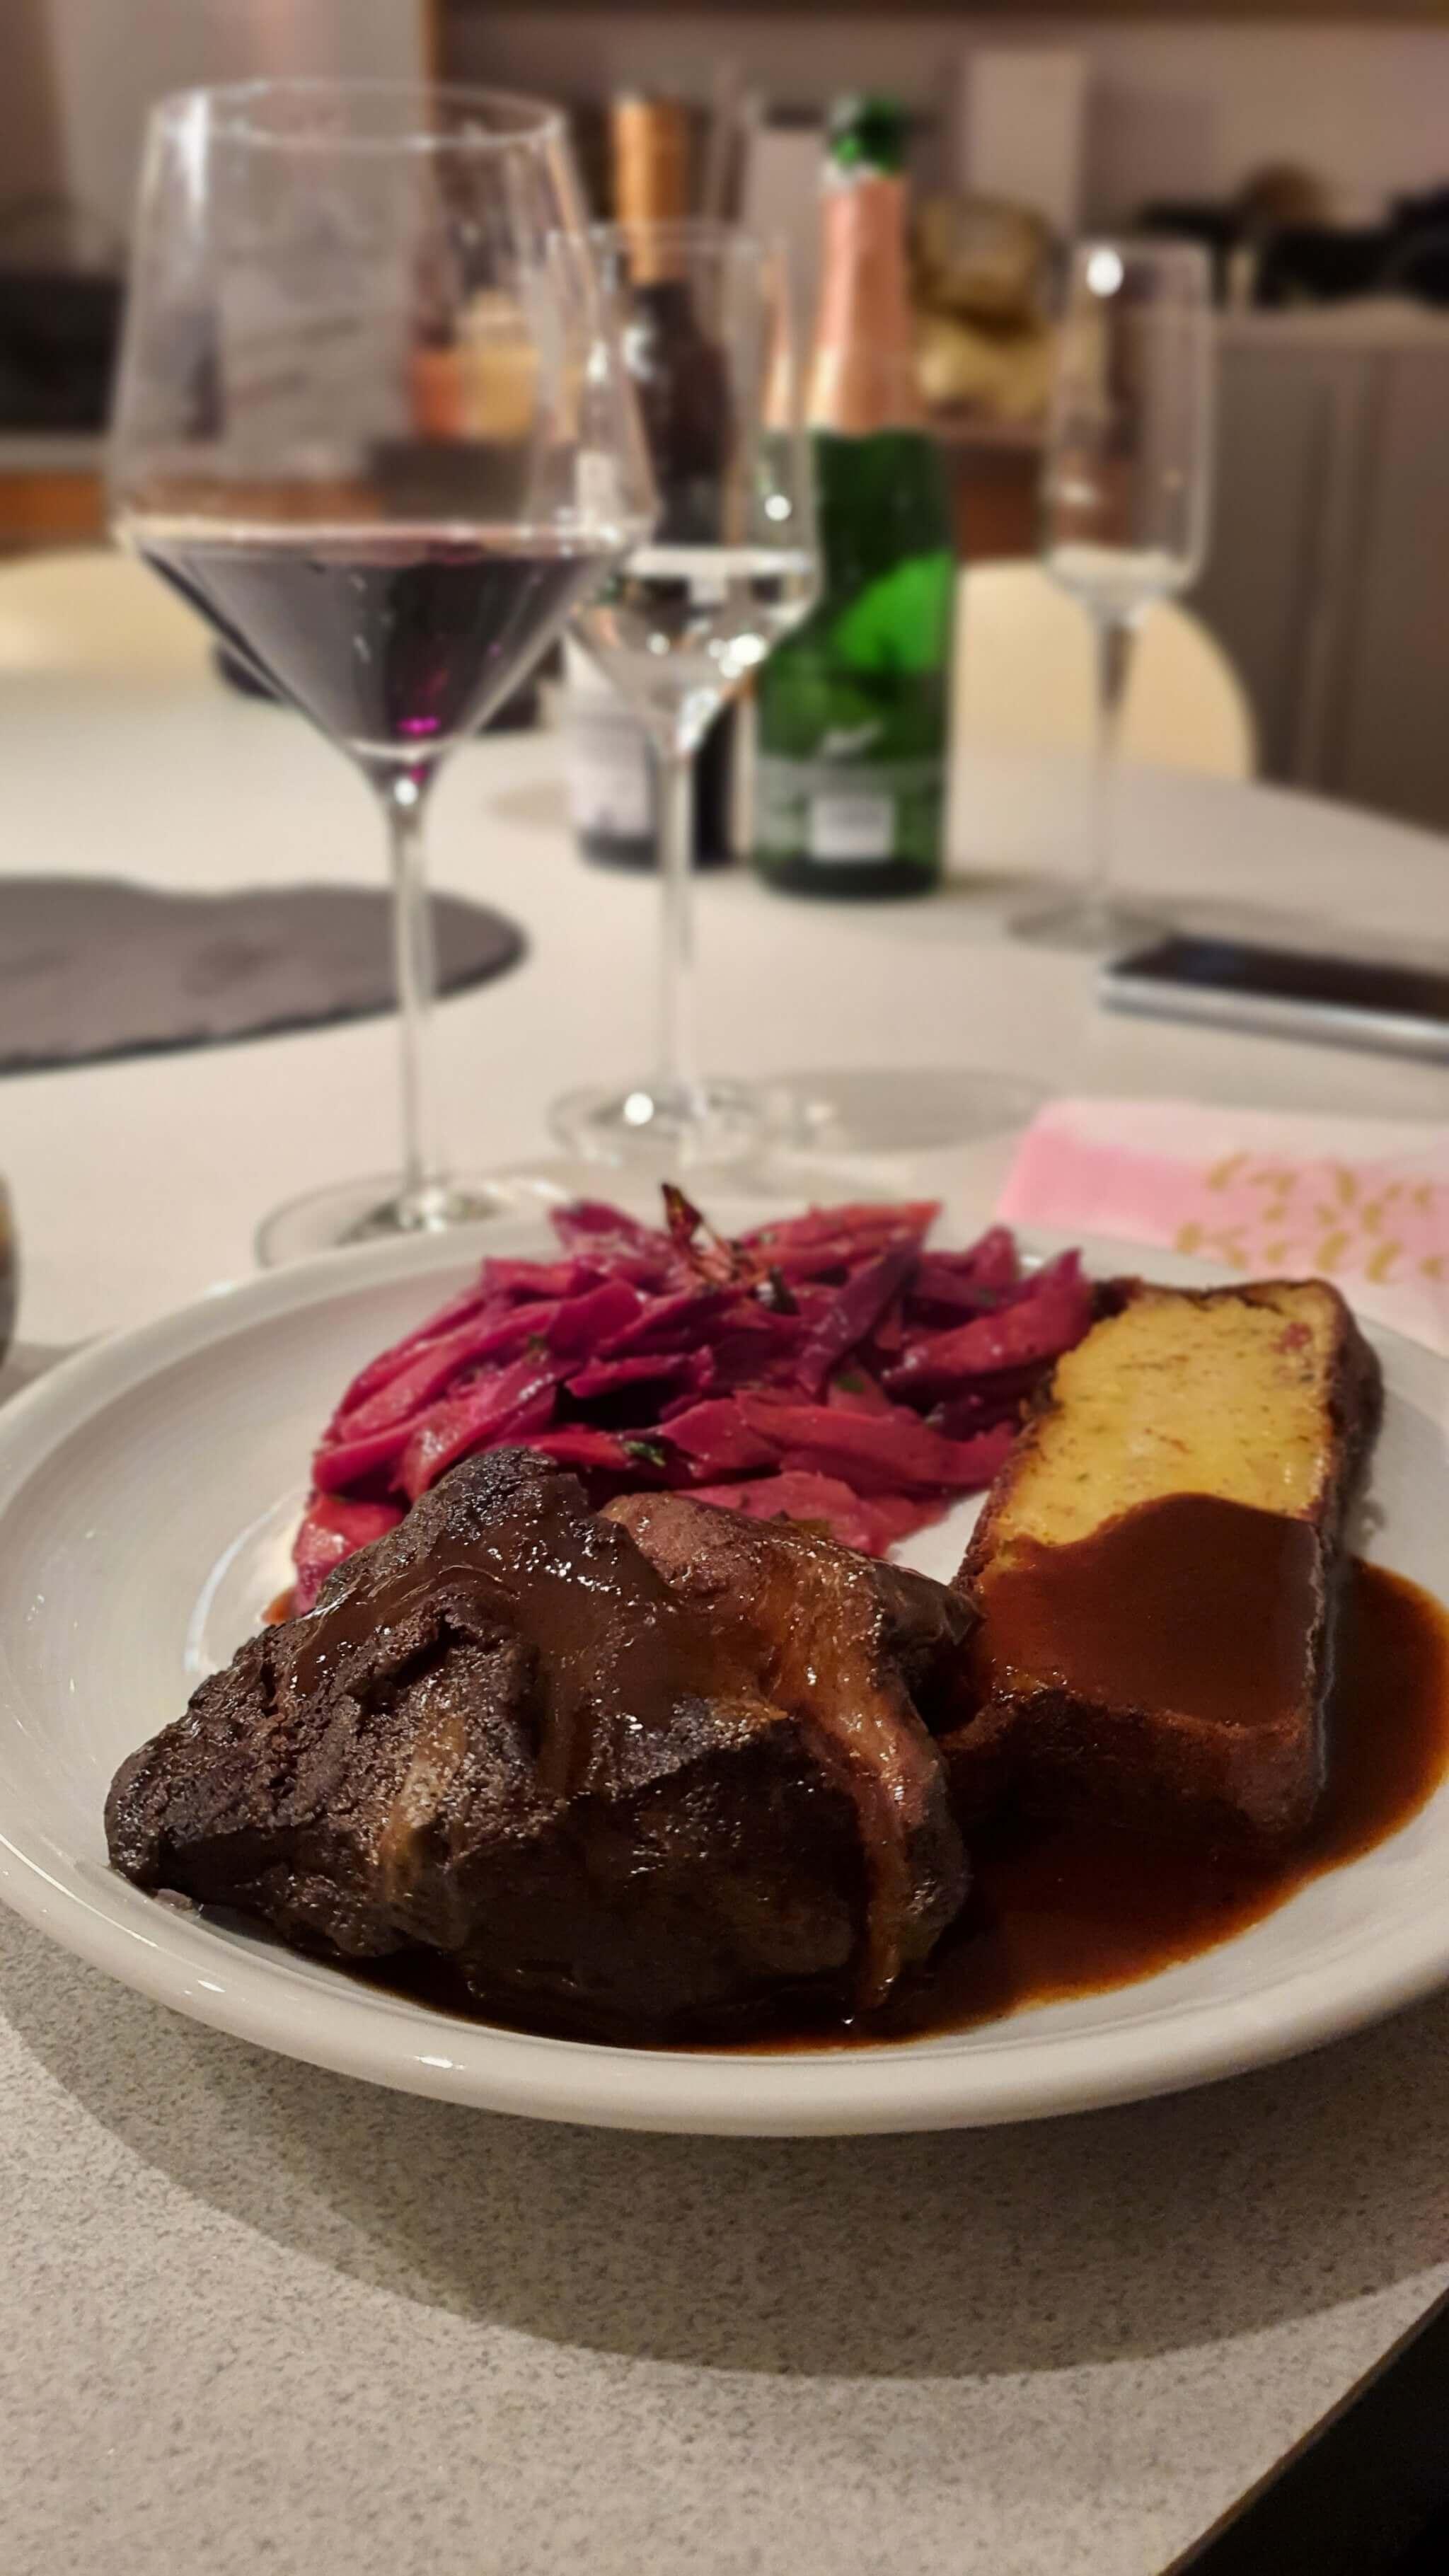 Ochsenbäckchen Restaurant Hase Menü to go Köln